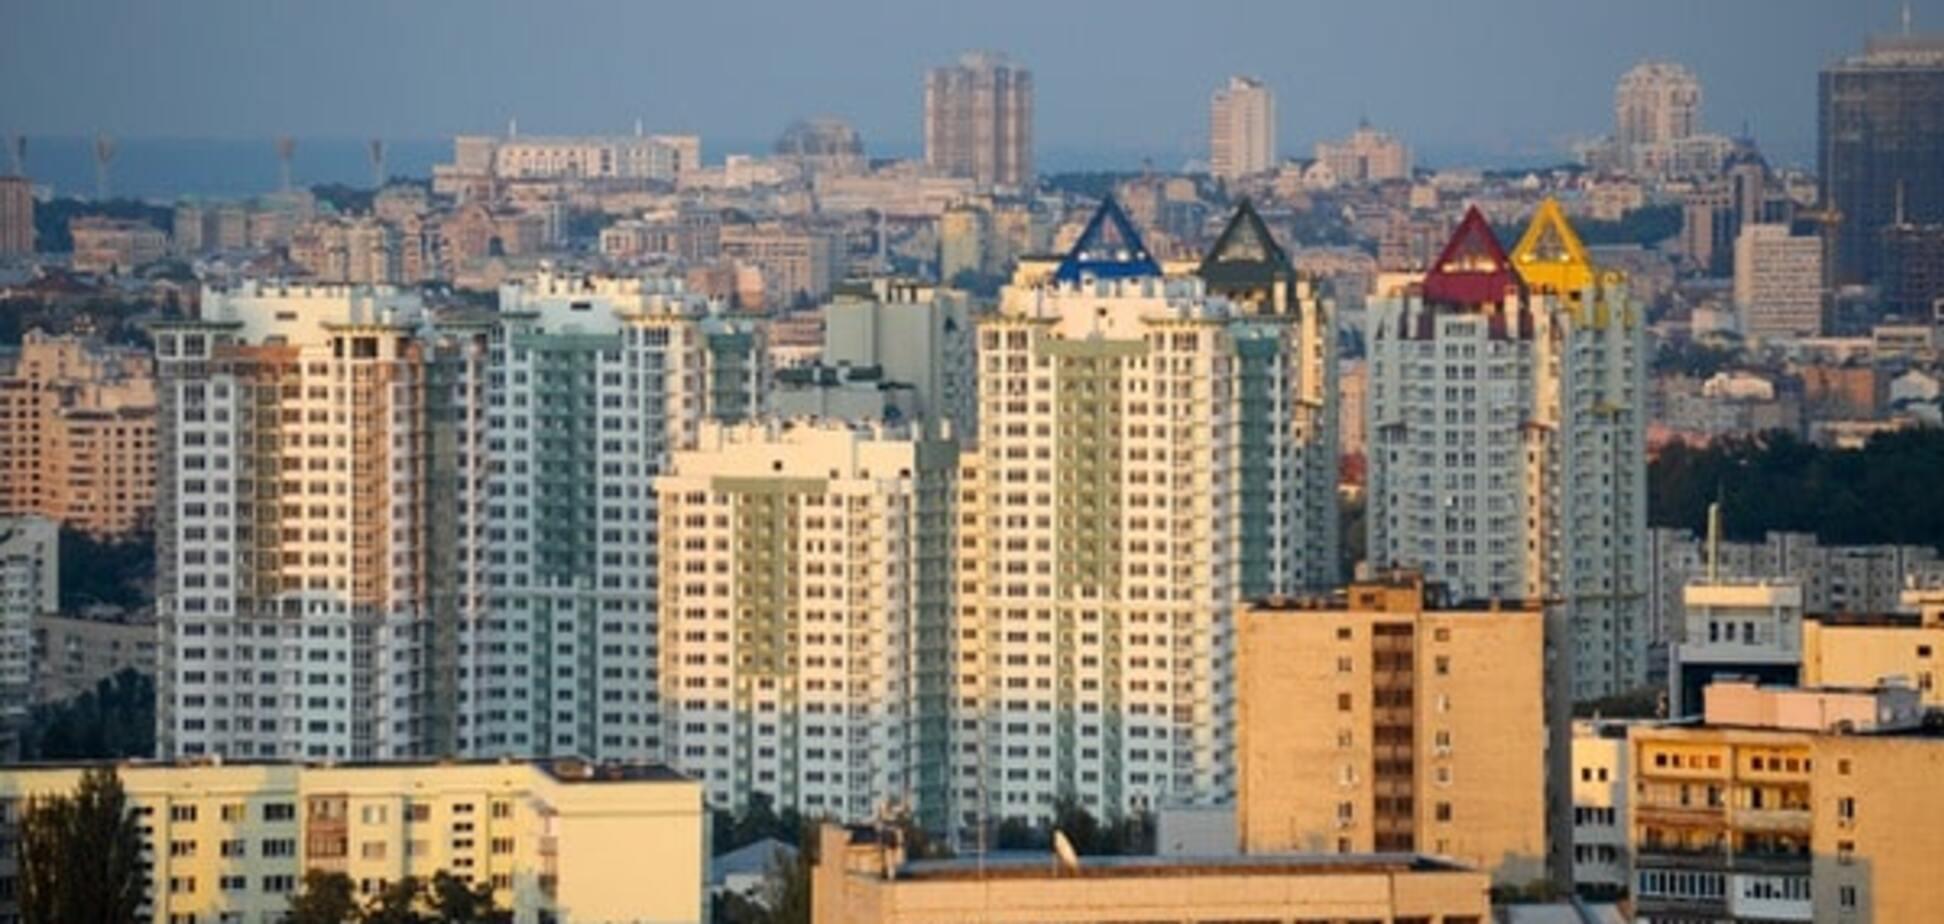 Експерт розповів, що відбувається з ринком нерухомості Києва